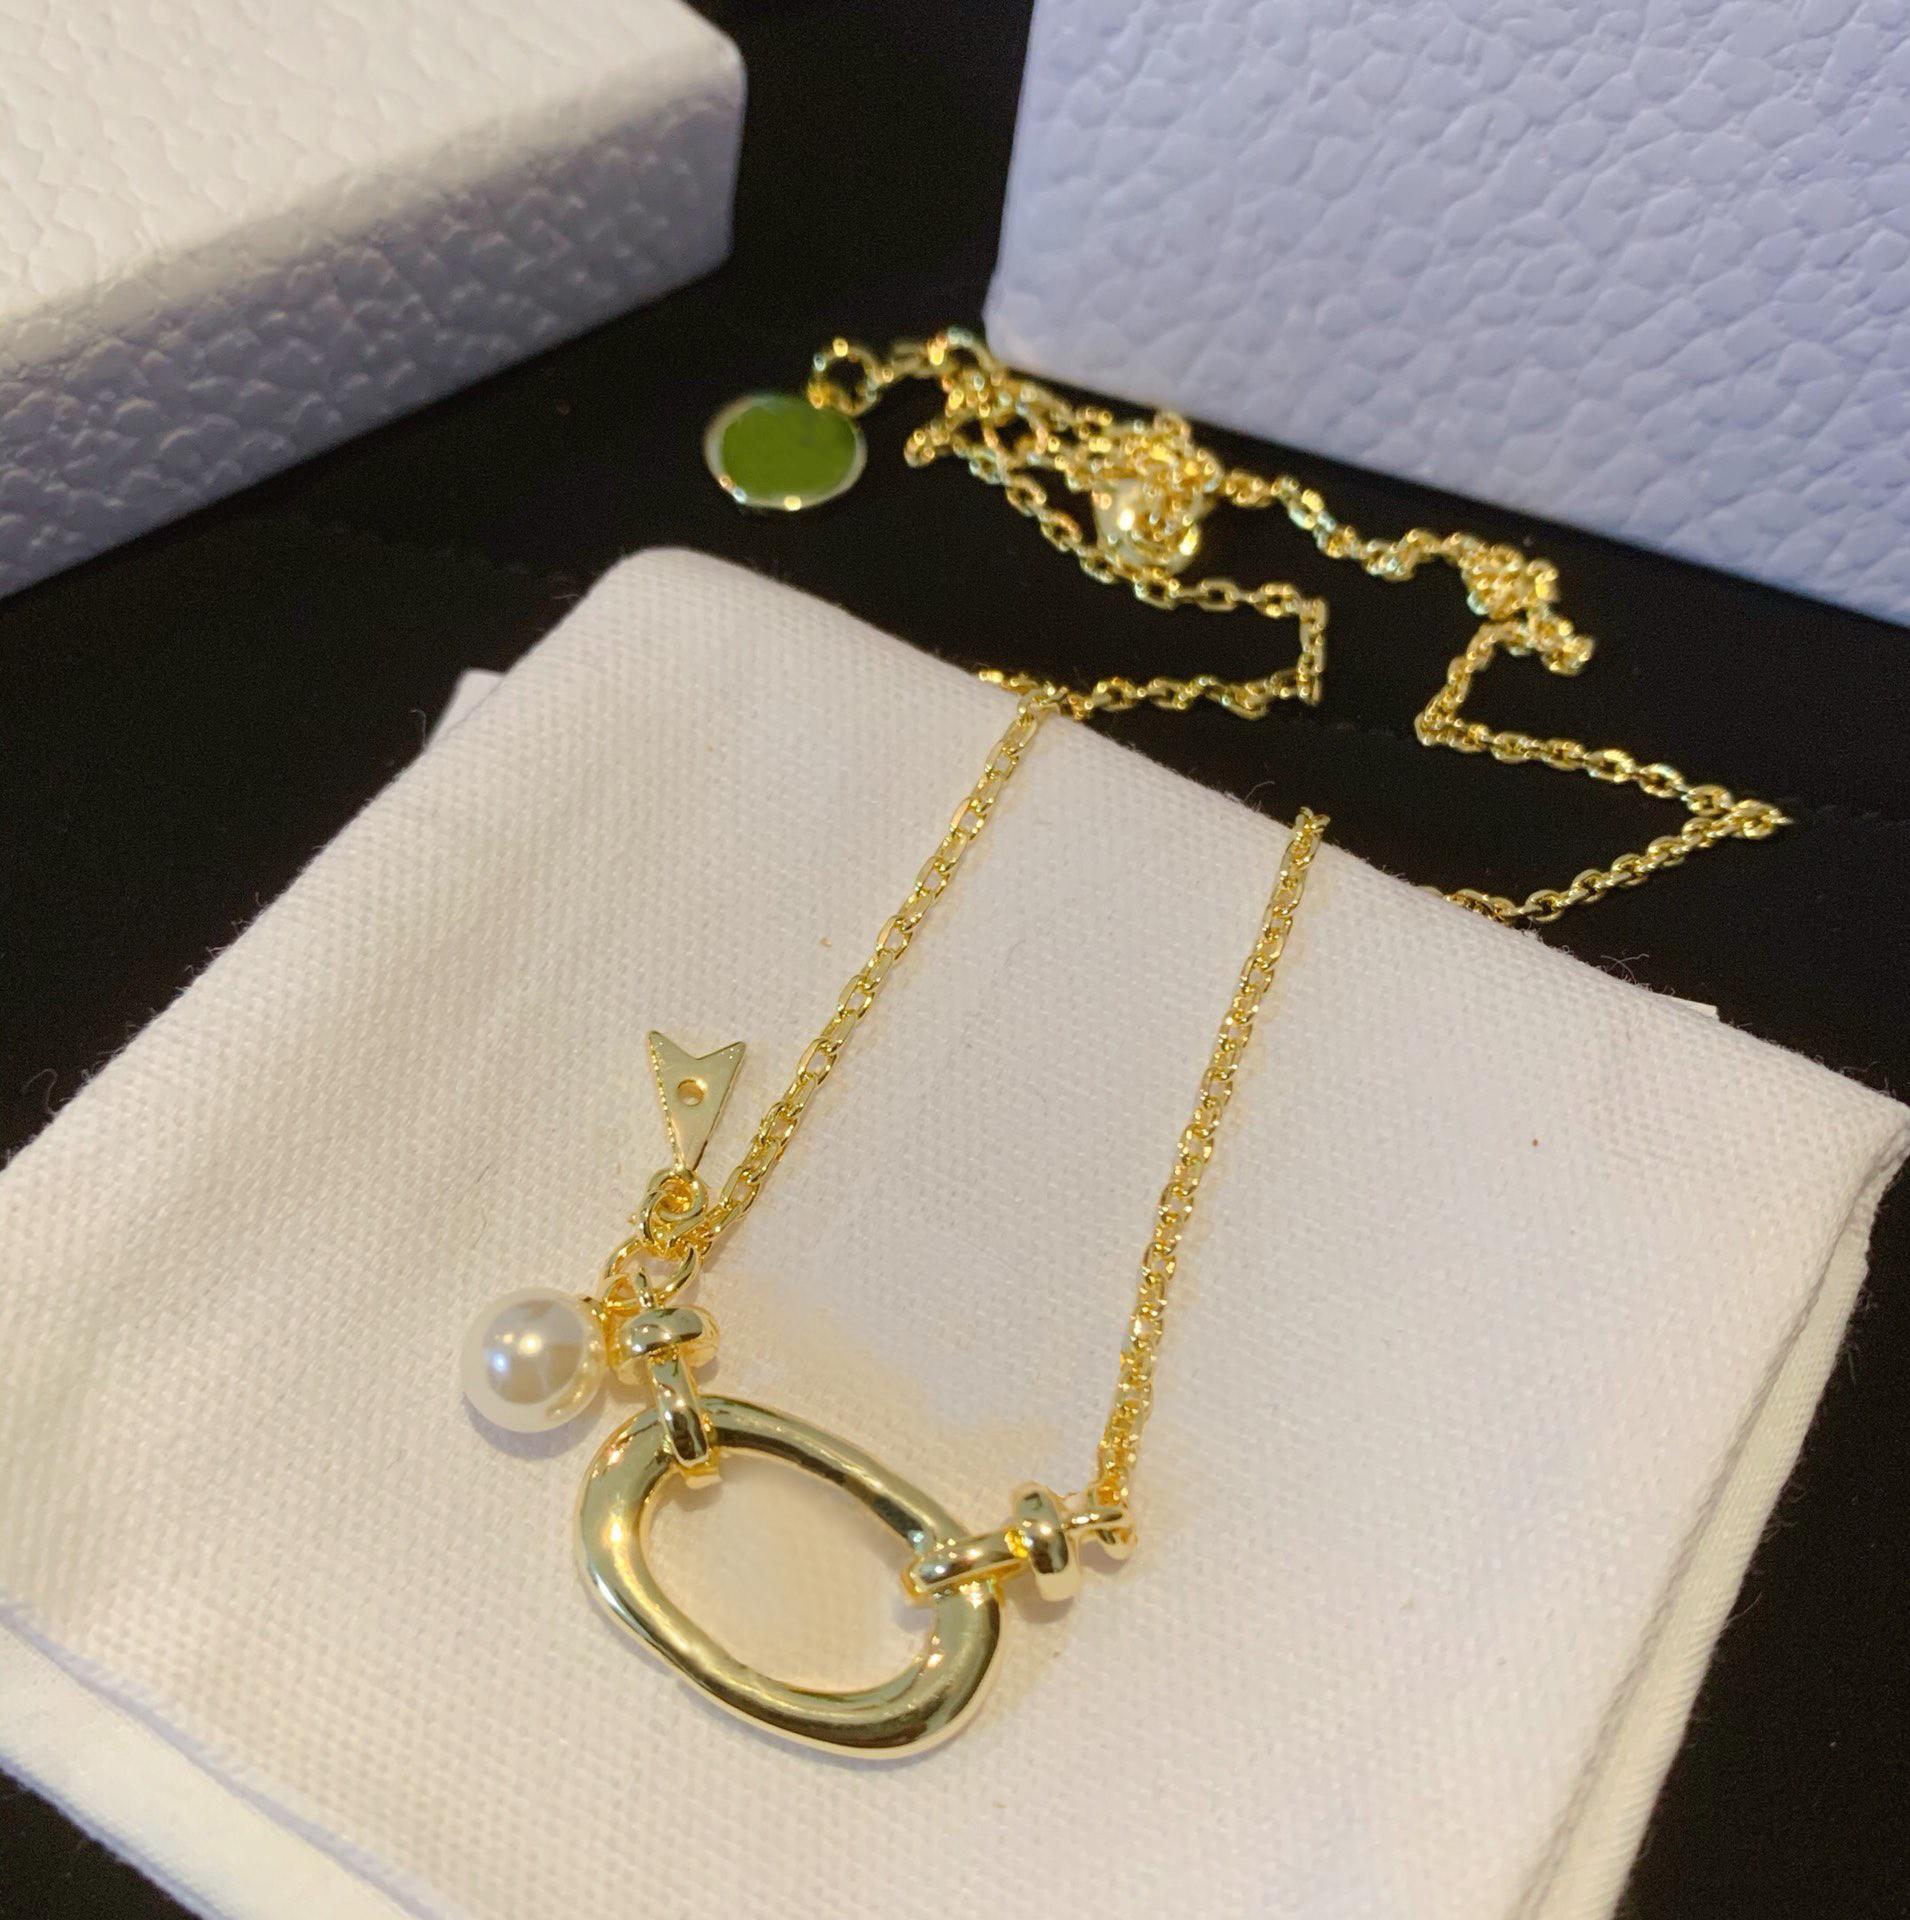 Heißer Verkauf Edelstahl Buchstaben Anhänger Halsketten Kette Halskette Choker Halsketten Für Dame Frauen Liebhaber Geschenk Hip Hop Schmuck mit Box